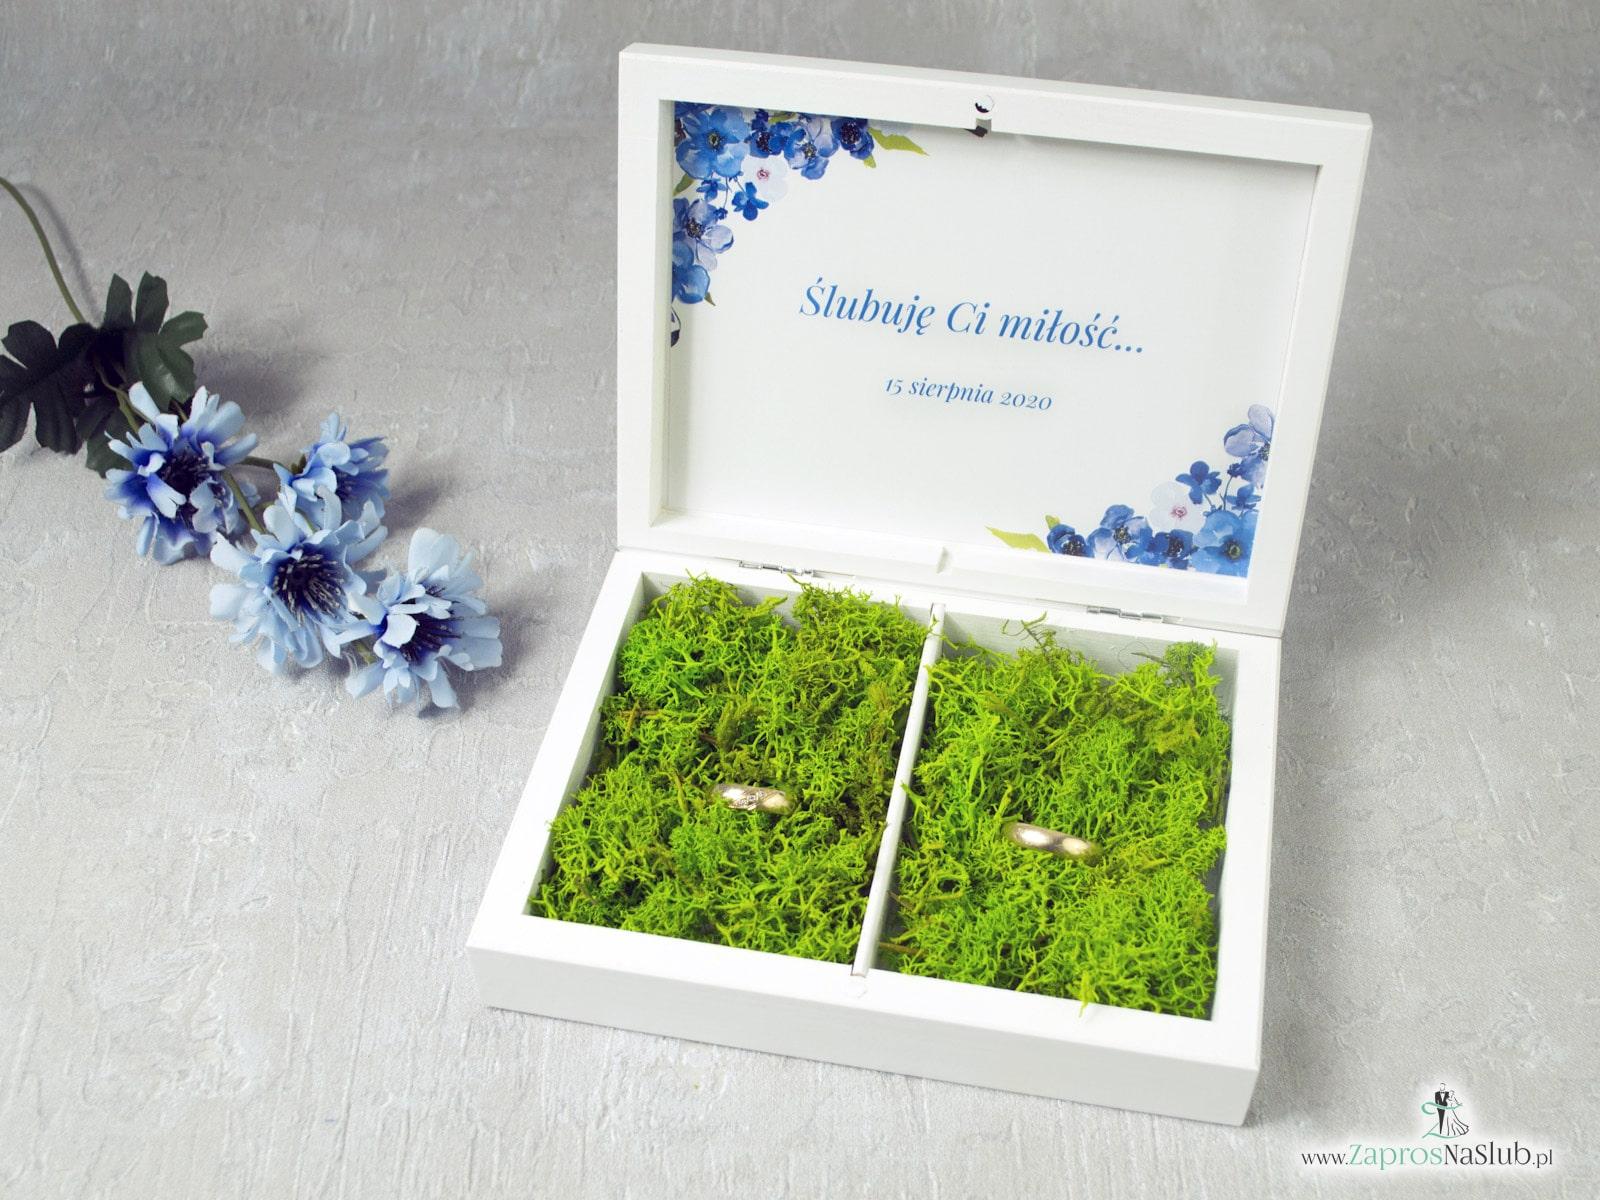 Drewniane pudełko, szkatułka na obrączki w kolorze białym z motywem niebieskich kwiatów. PNO-35-04